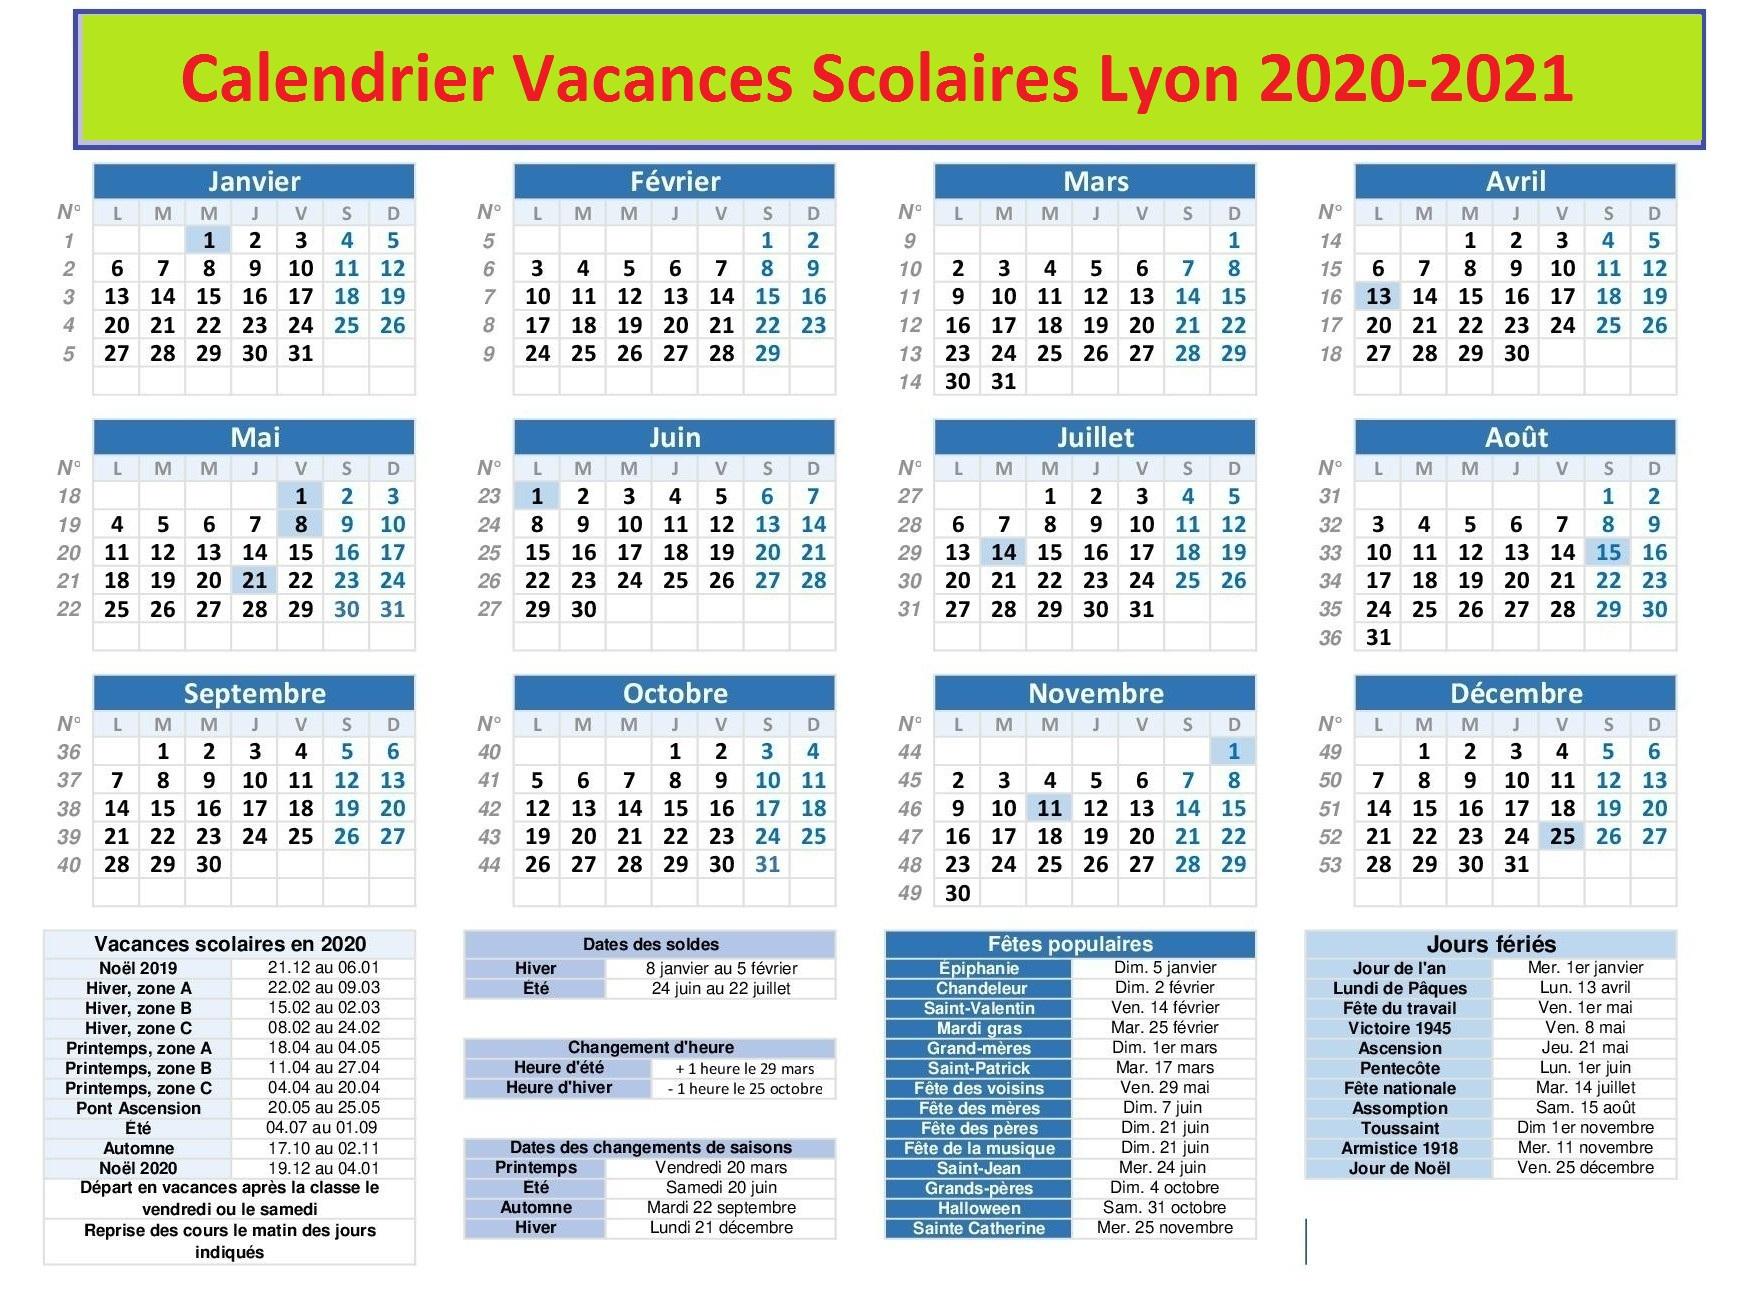 Vacances Scolaires 2019 et 2020 Lyon